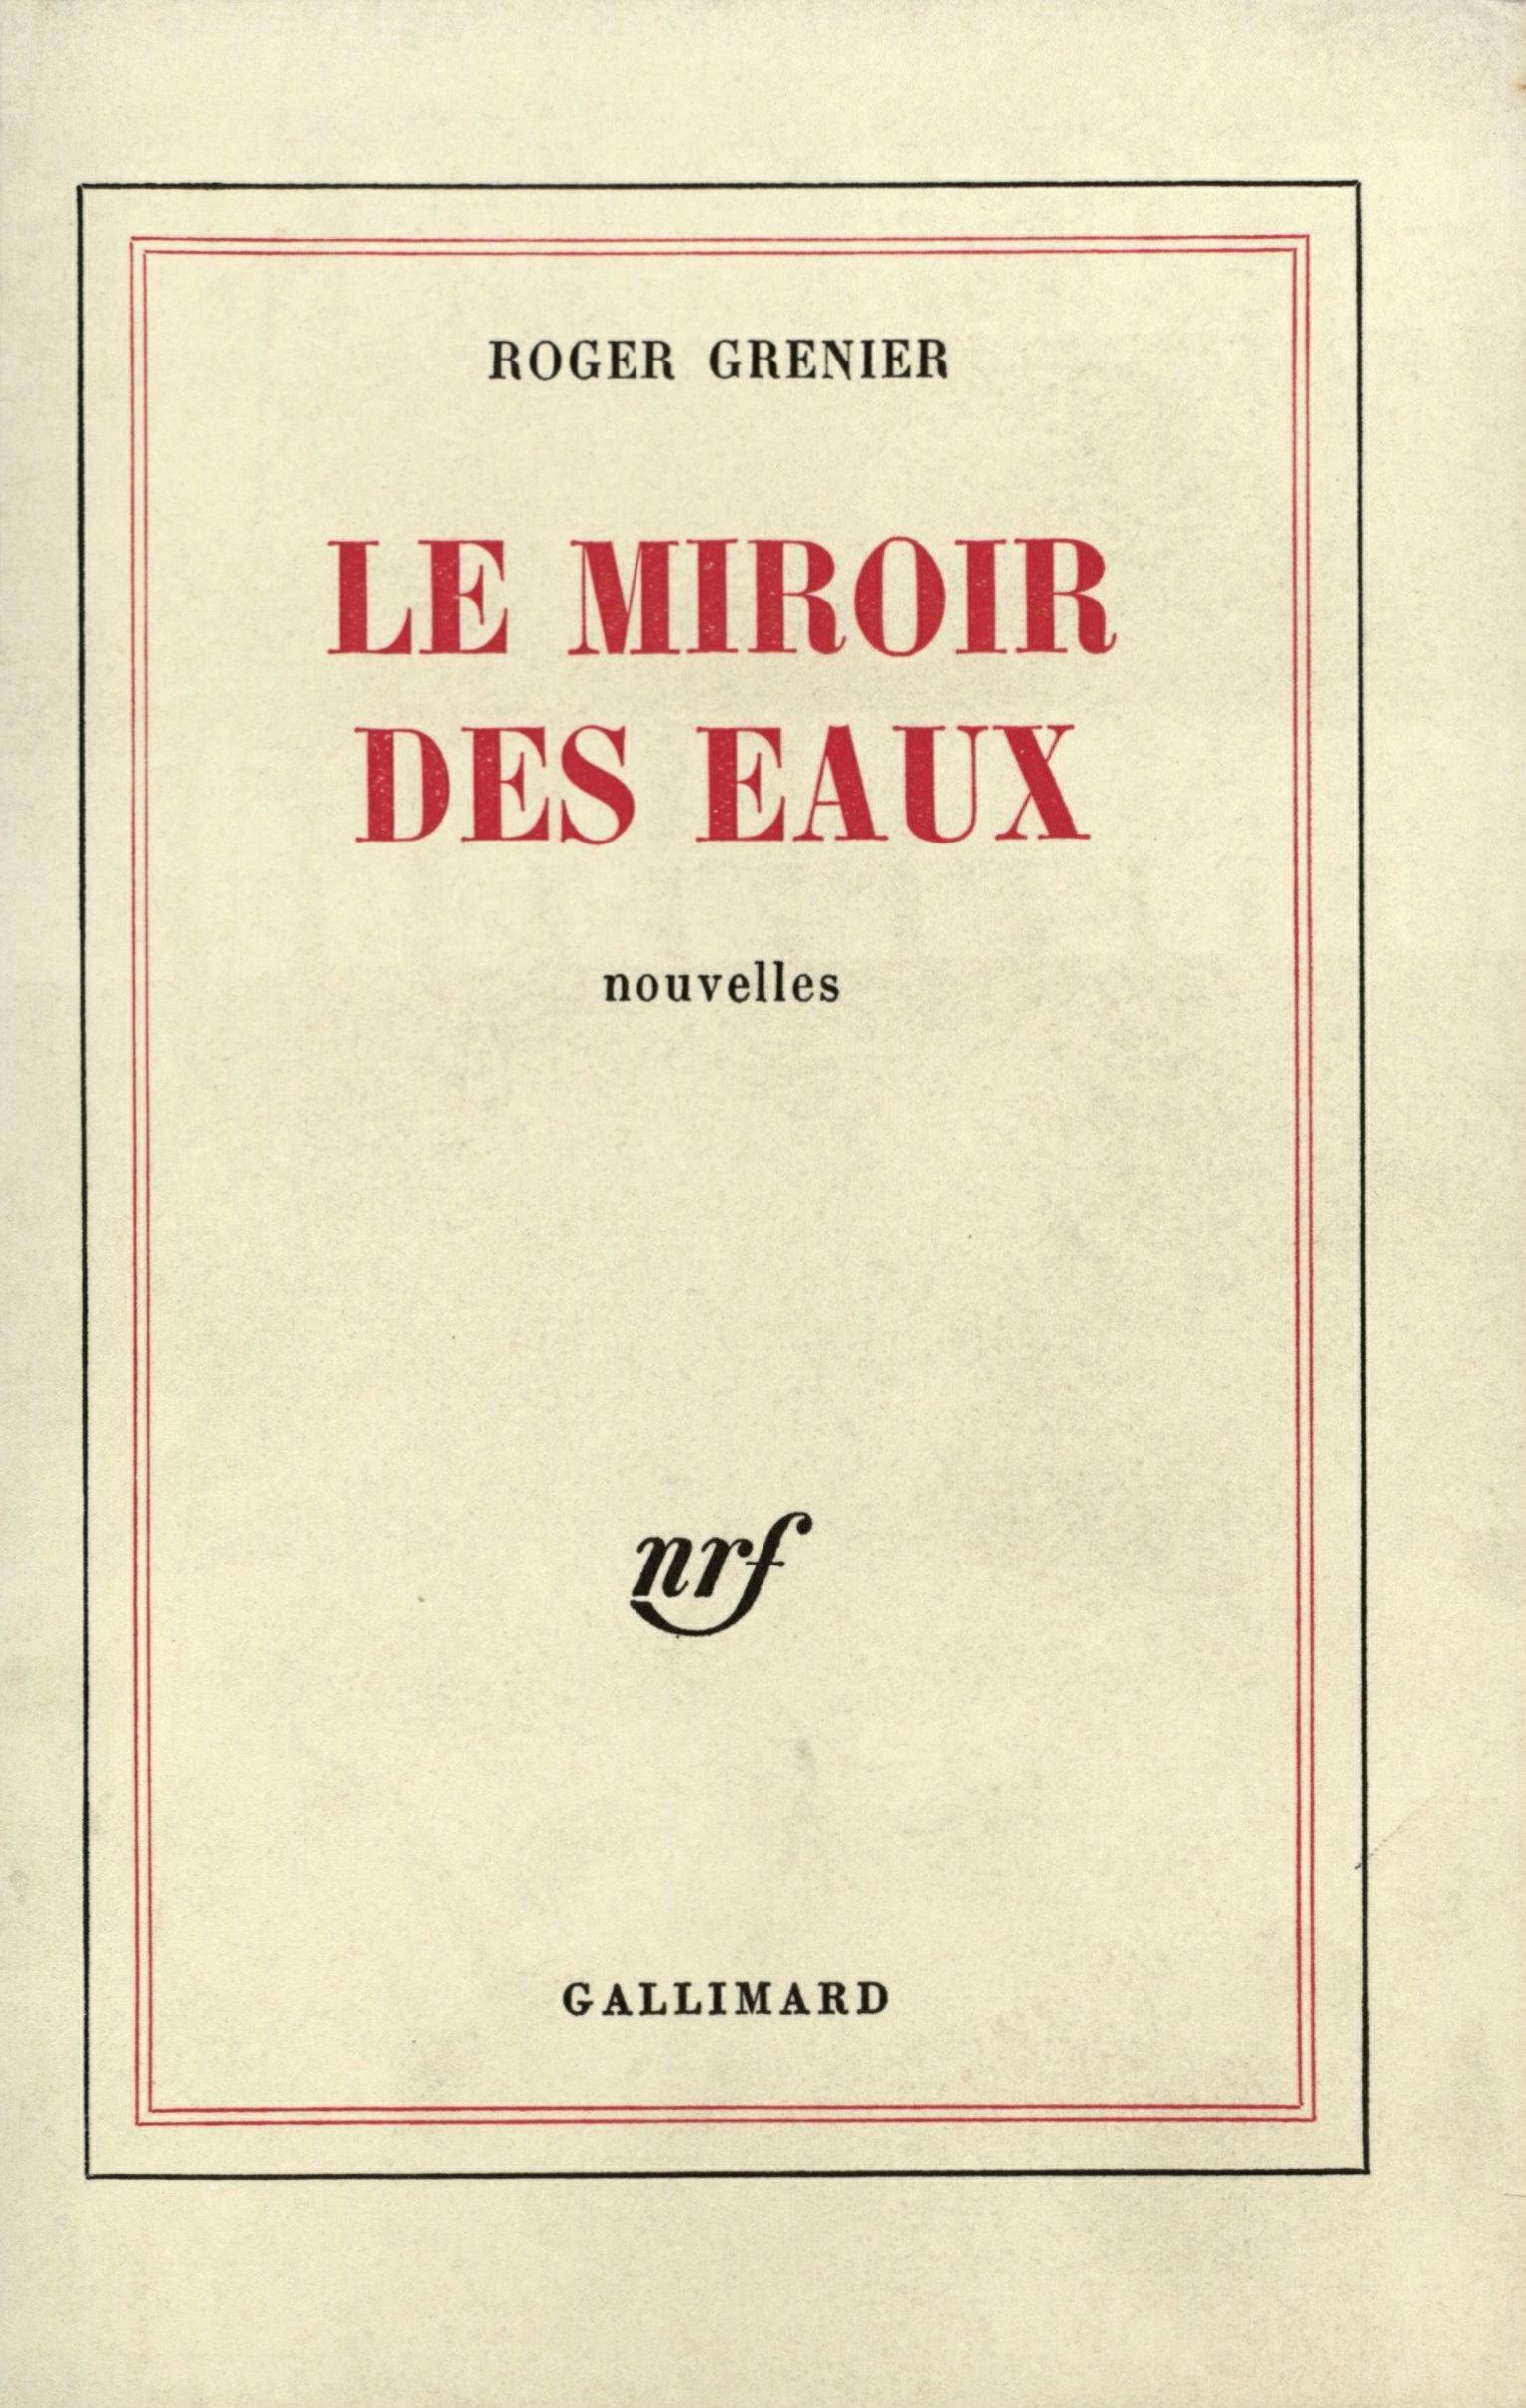 Le Miroir des eaux